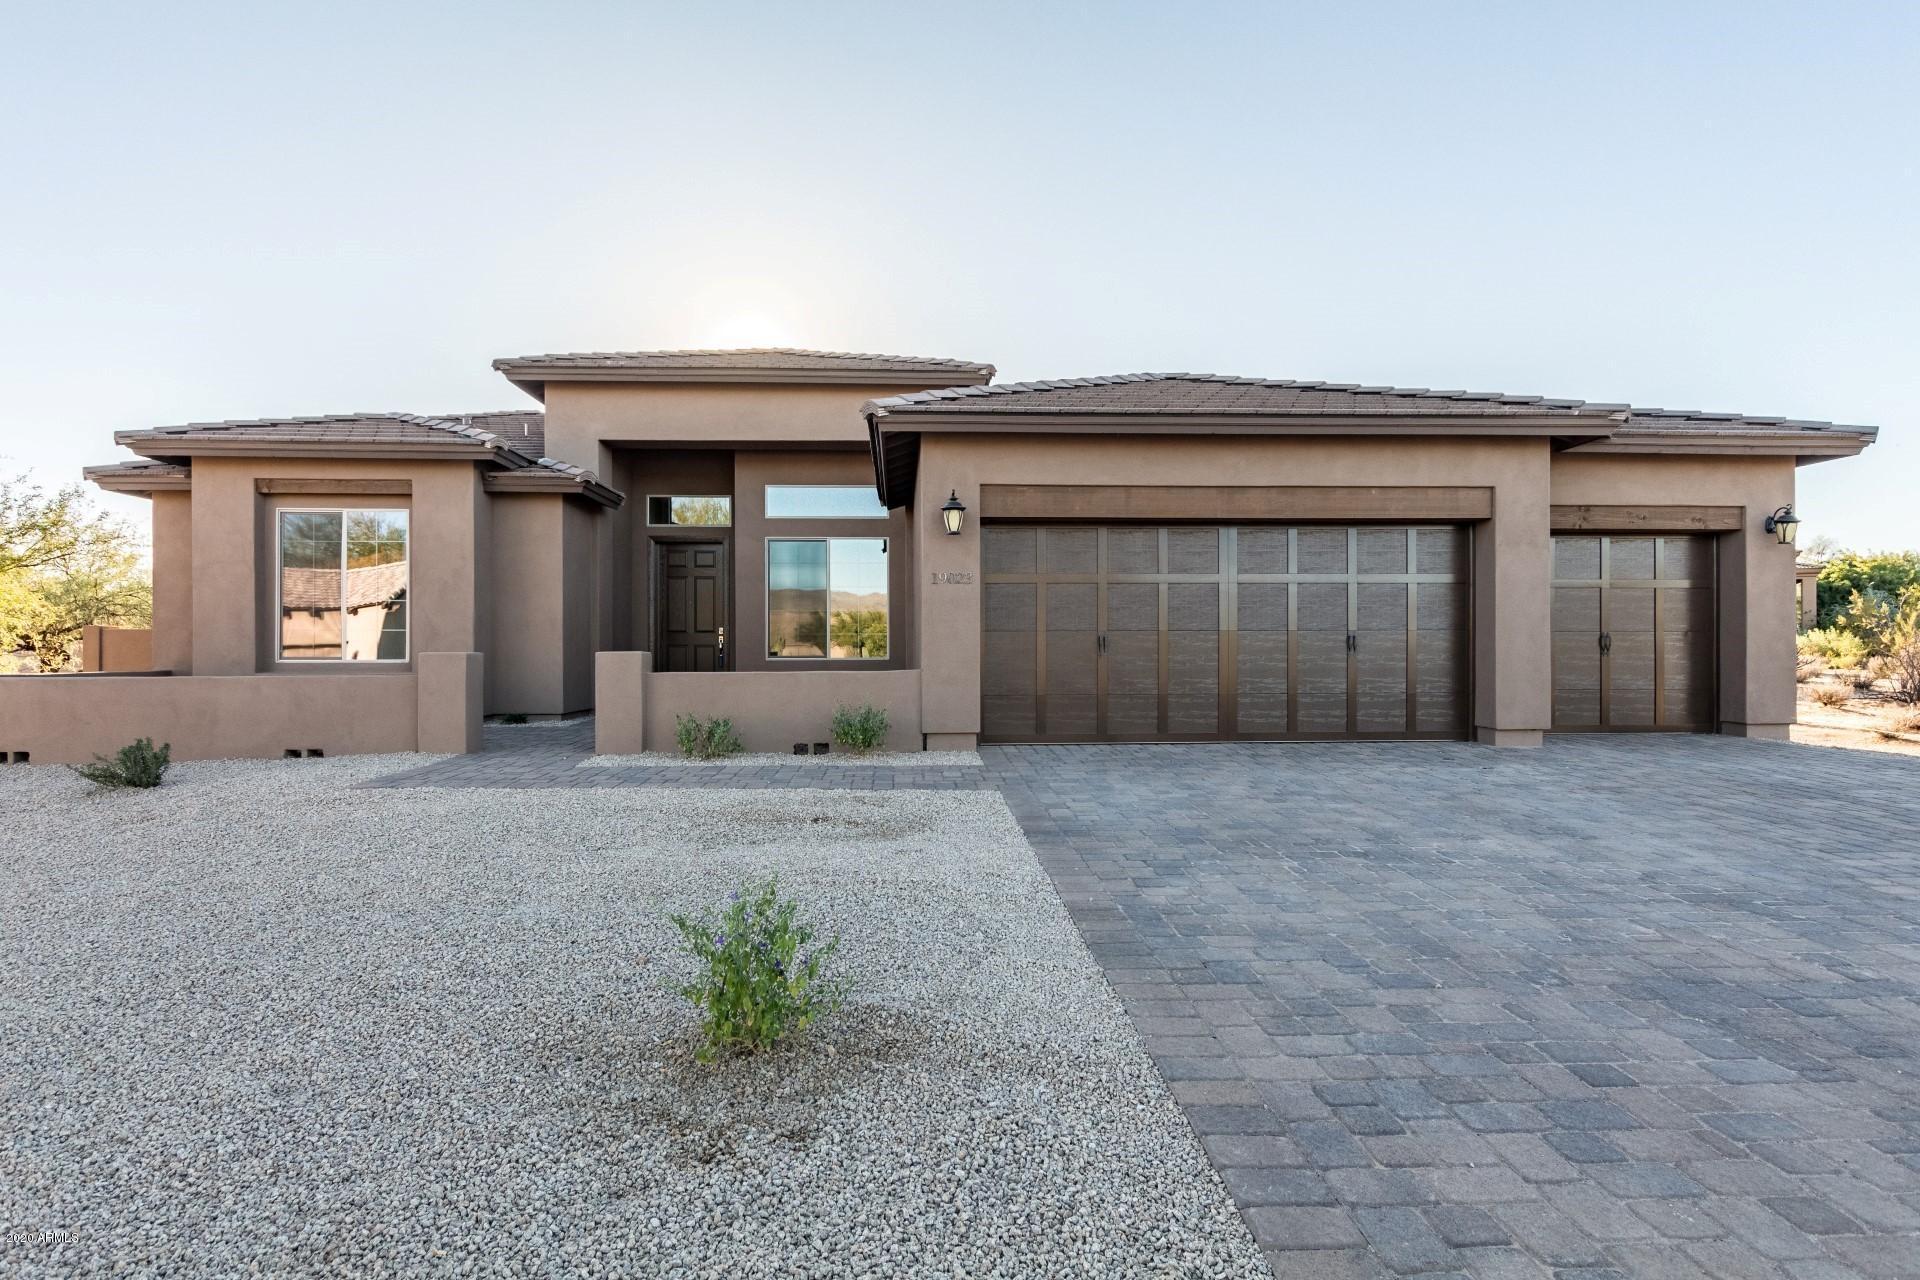 Photo of 35109 N 141 Place, Scottsdale, AZ 85262